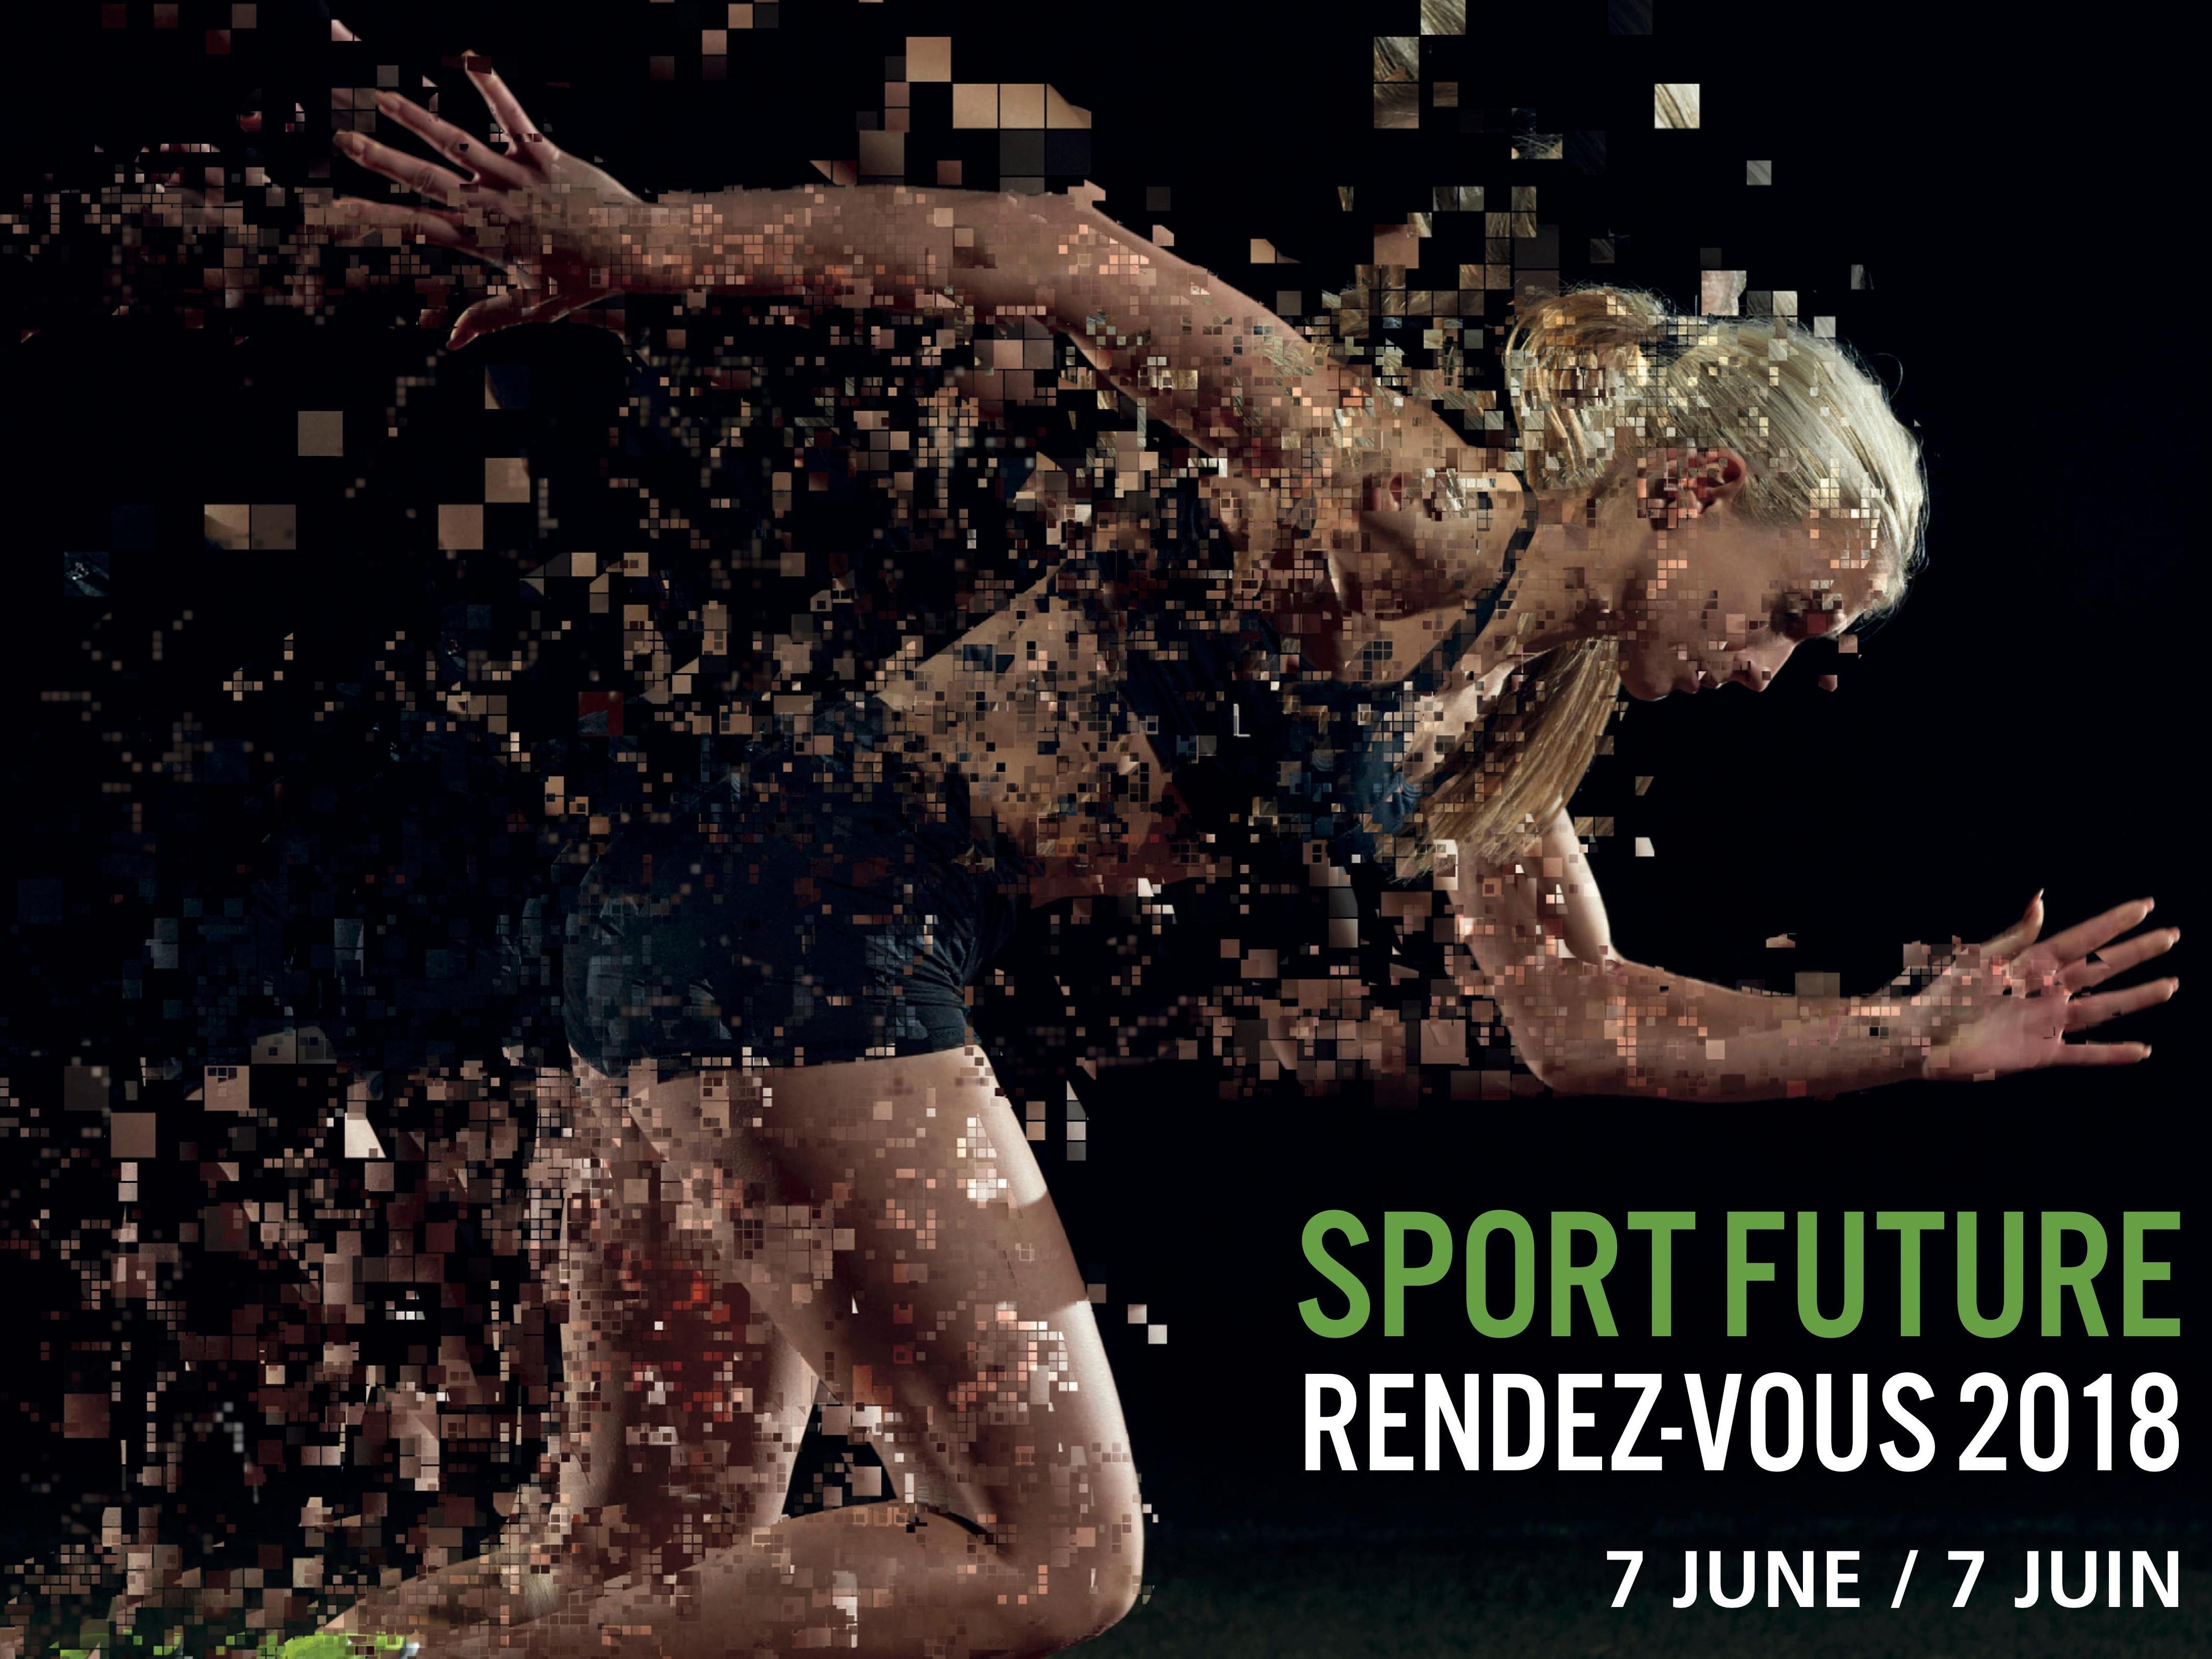 Sport Future Rendez-vous 2018